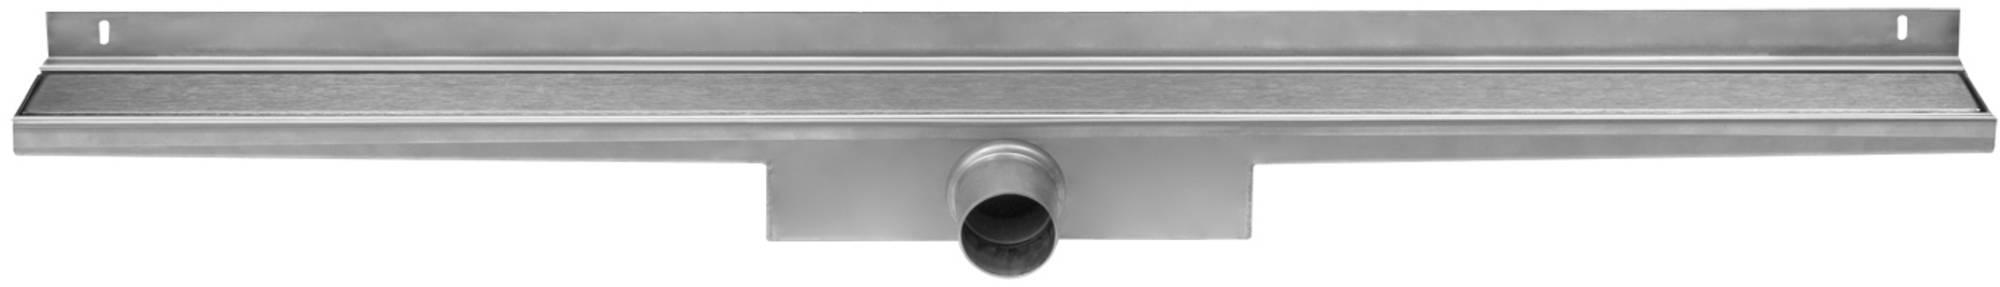 Easy Drain Compact Wall Zero afvoergoot 70 x 6 cm. zijaansluiting Rvs